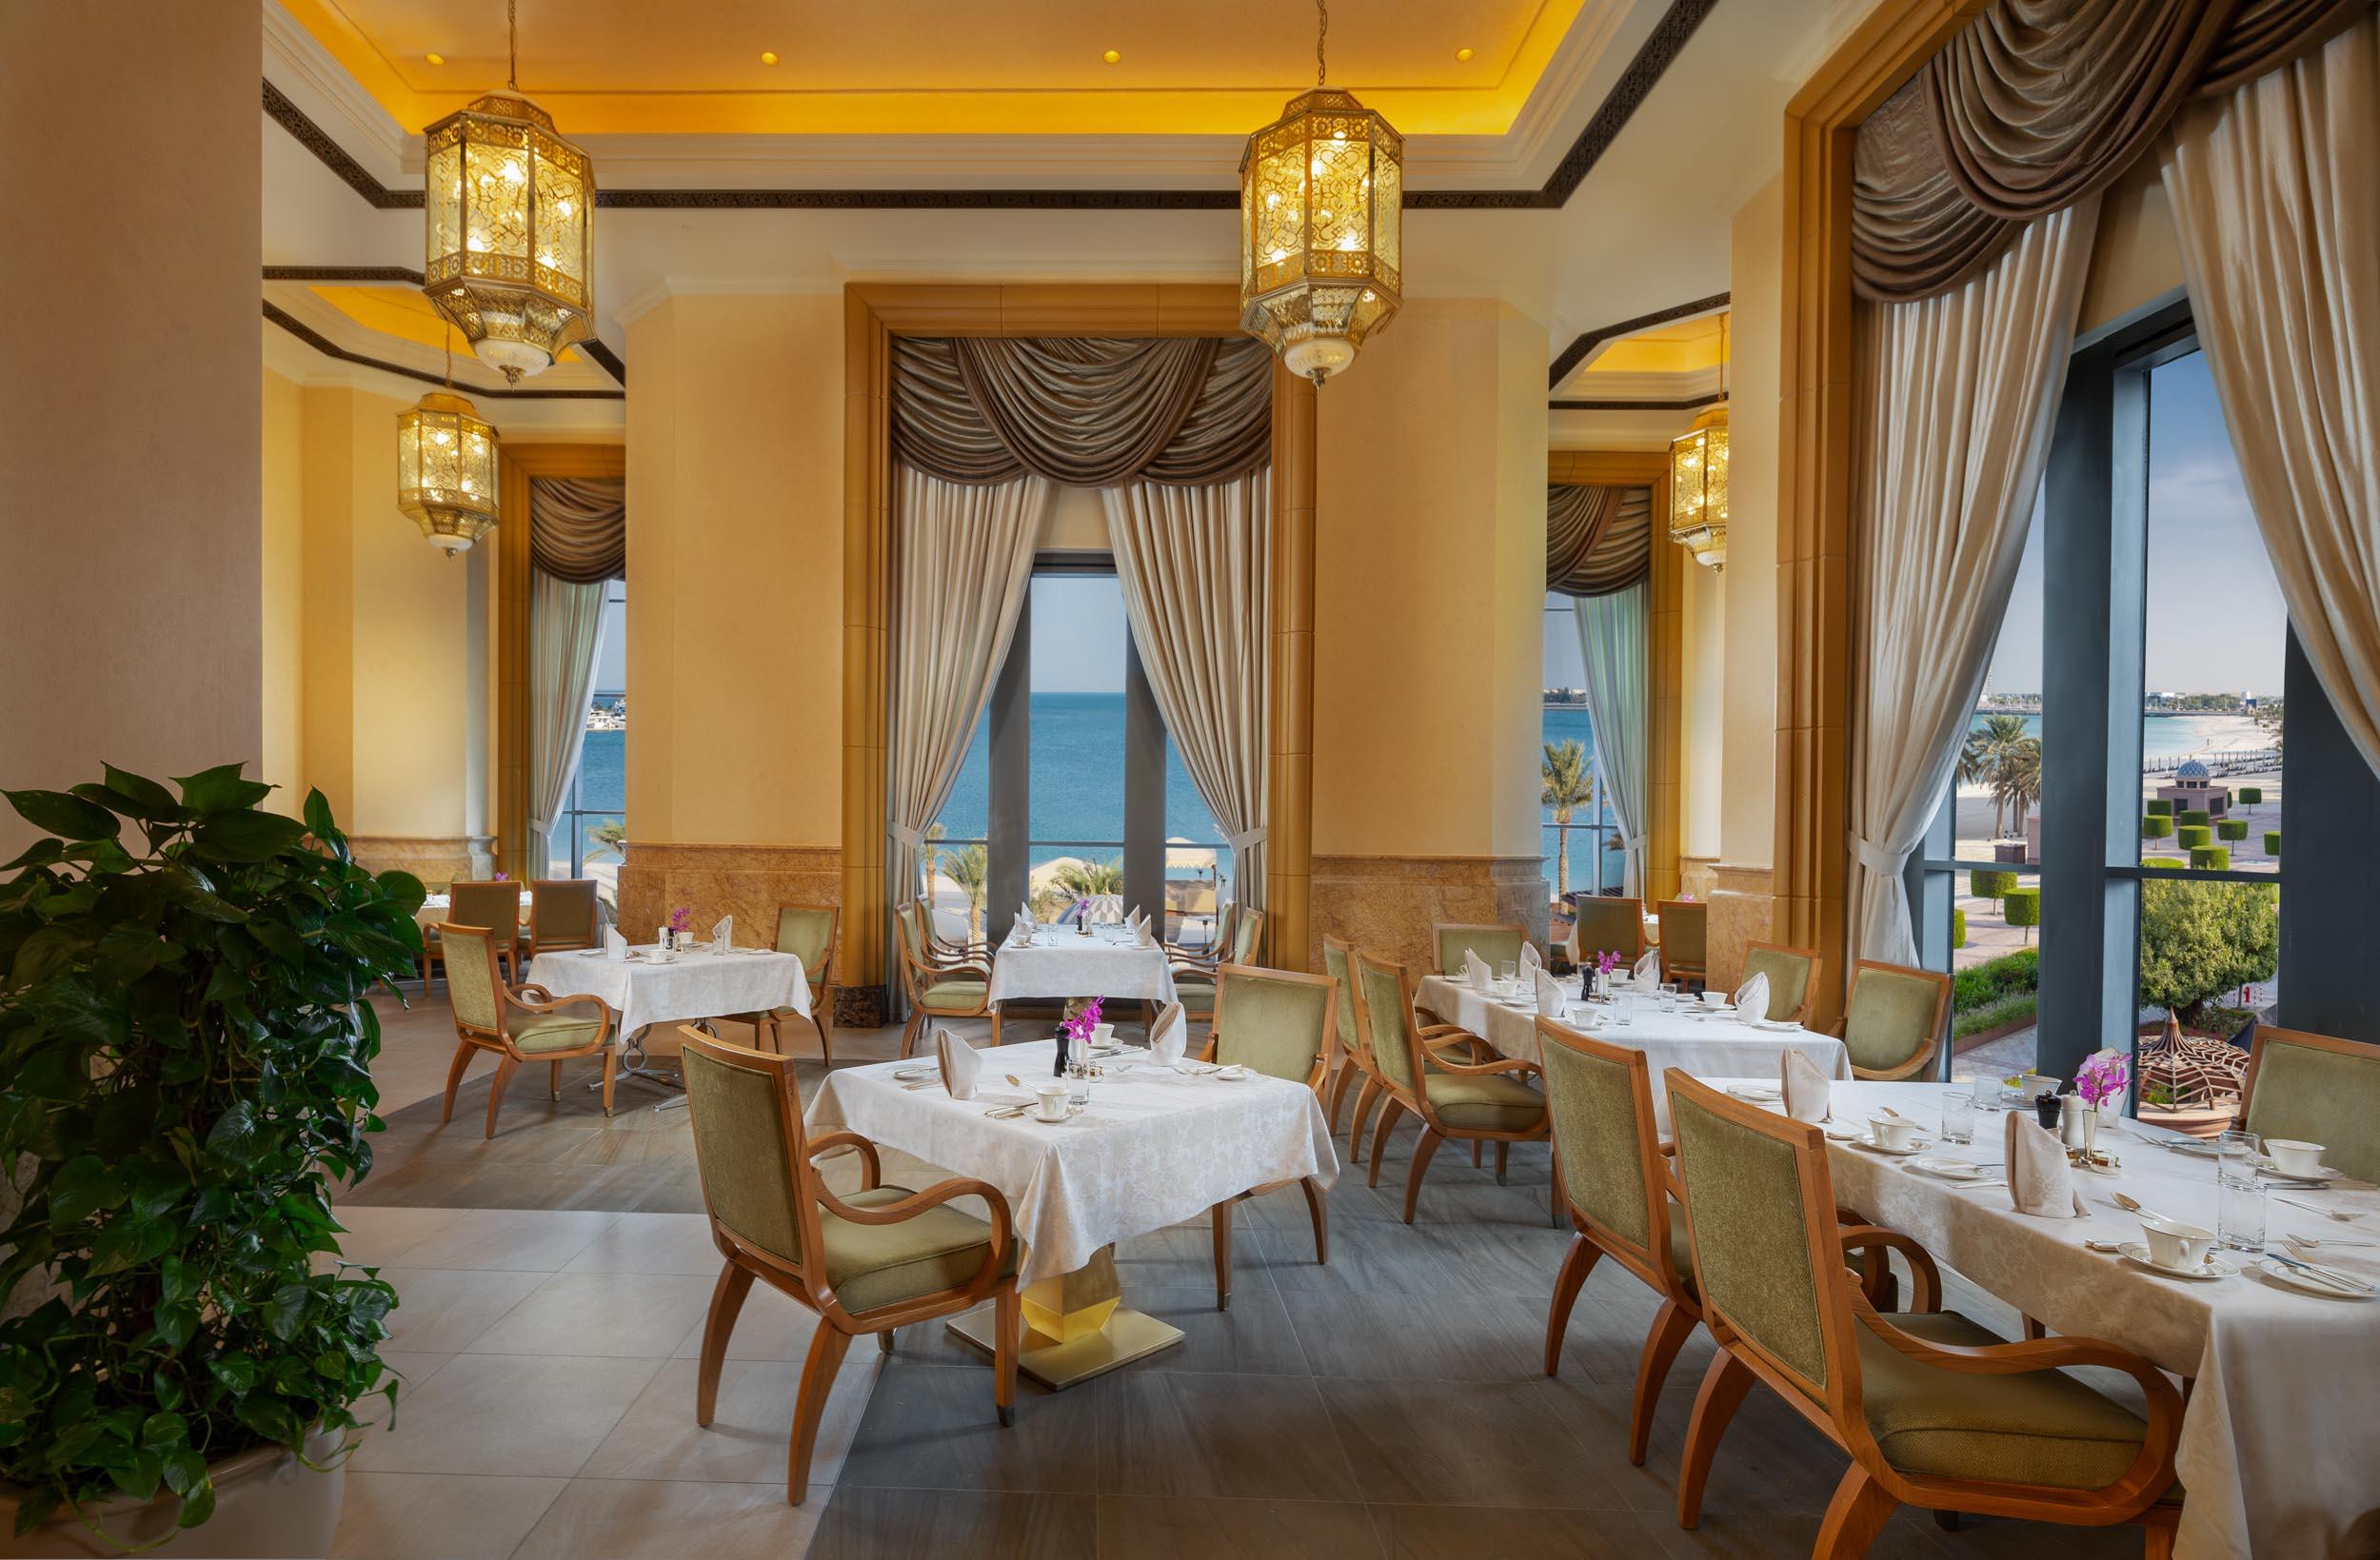 """مطعم """"لو فاندوم"""" بفندق قصر الامارات يقدمأروع الأطباق الشرق أوسطية"""